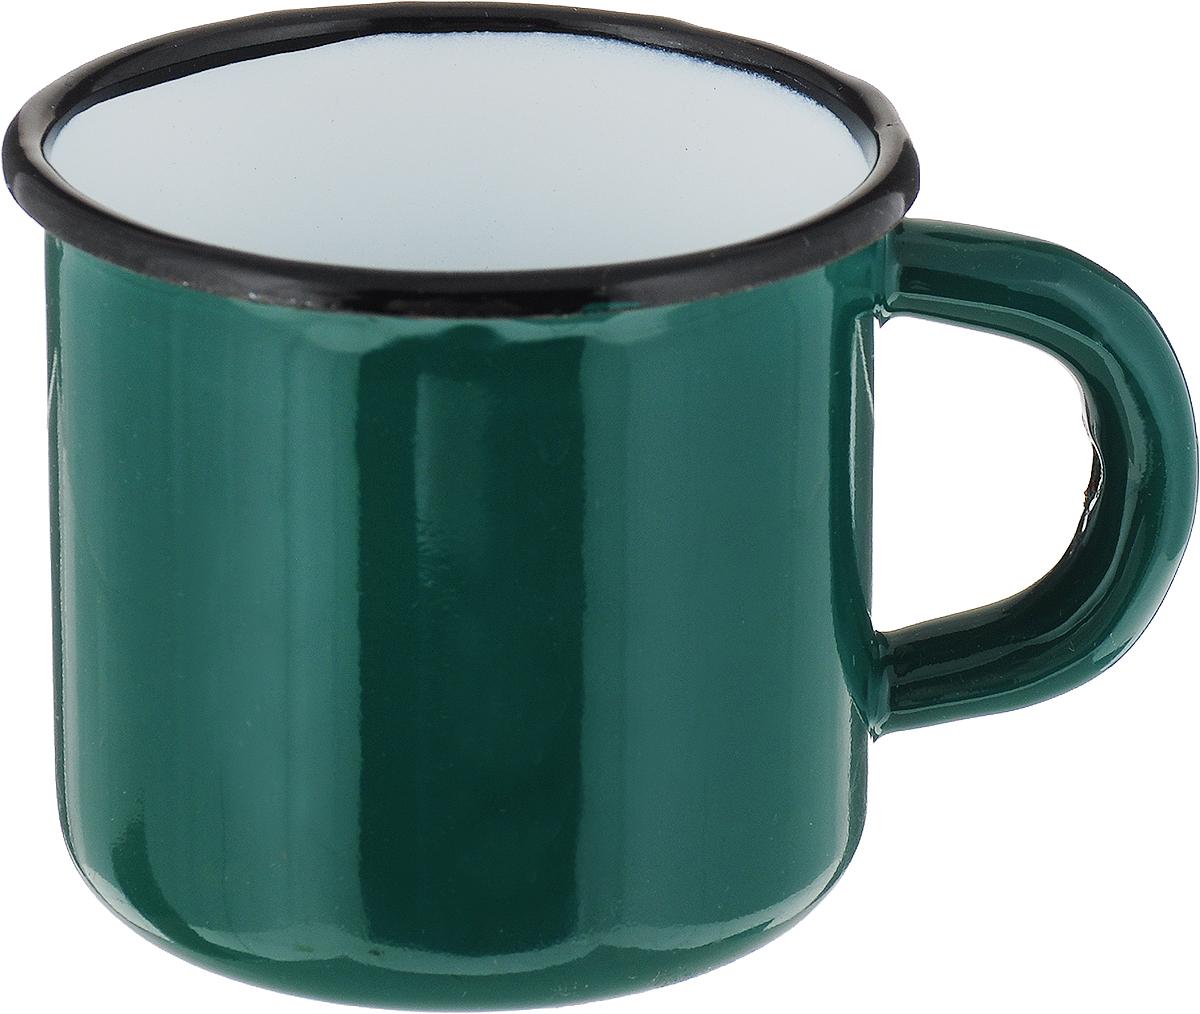 Кружка эмалированная СтальЭмаль, цвет: зеленый, 250 мл2с1_зеленый